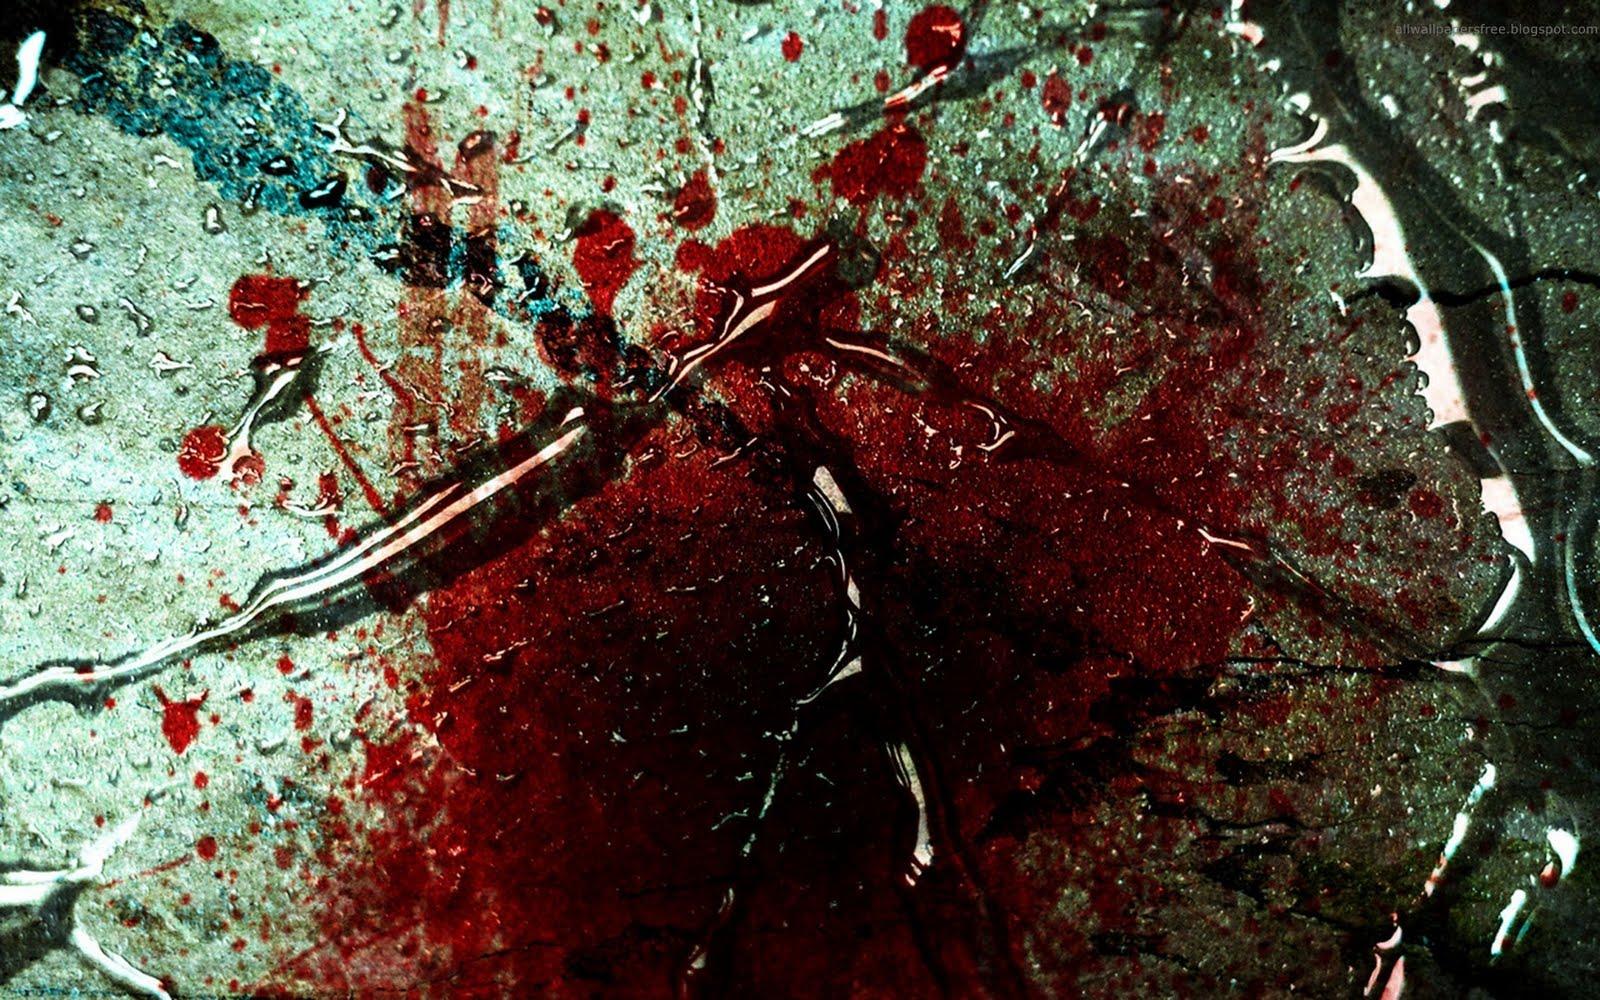 http://2.bp.blogspot.com/_Kpi0thIqeJI/TMFv2GS2kmI/AAAAAAAAAHg/8MCfnc8wtN4/s1600/Wallpaper+(01).jpg